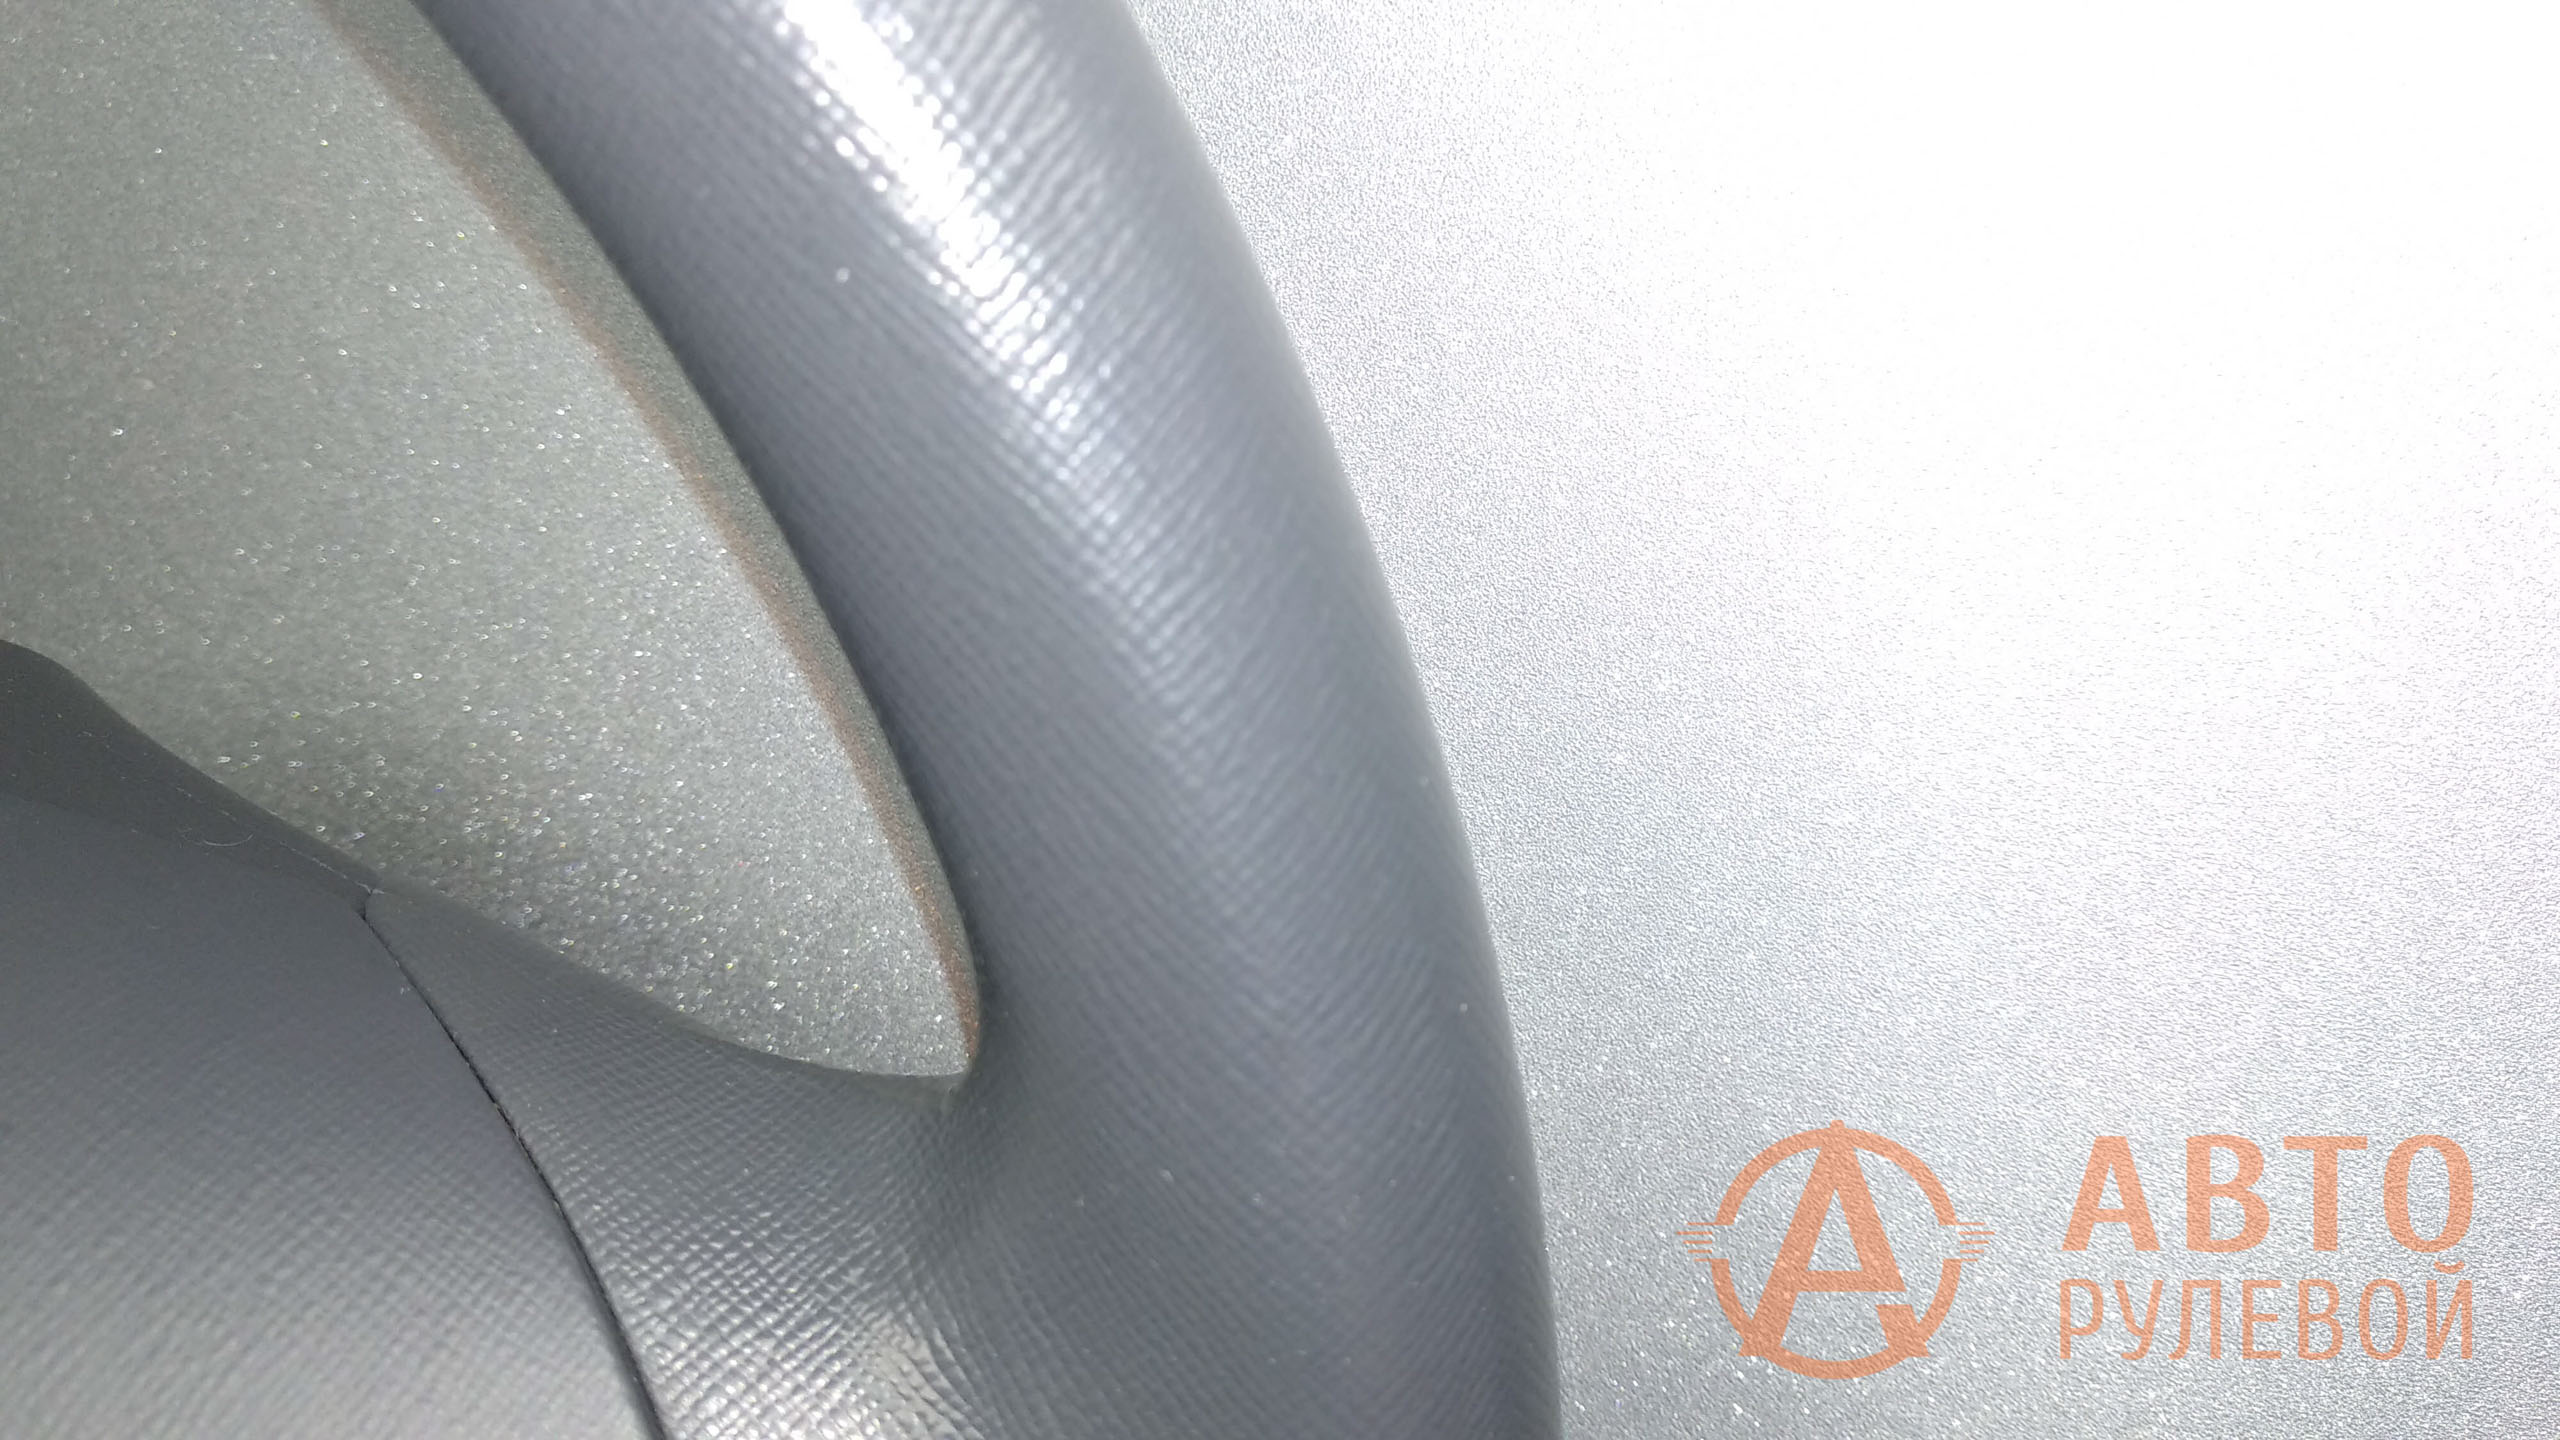 Руль Kia Picanto 1 поколение (SA) 2007 до перетяжки - 1